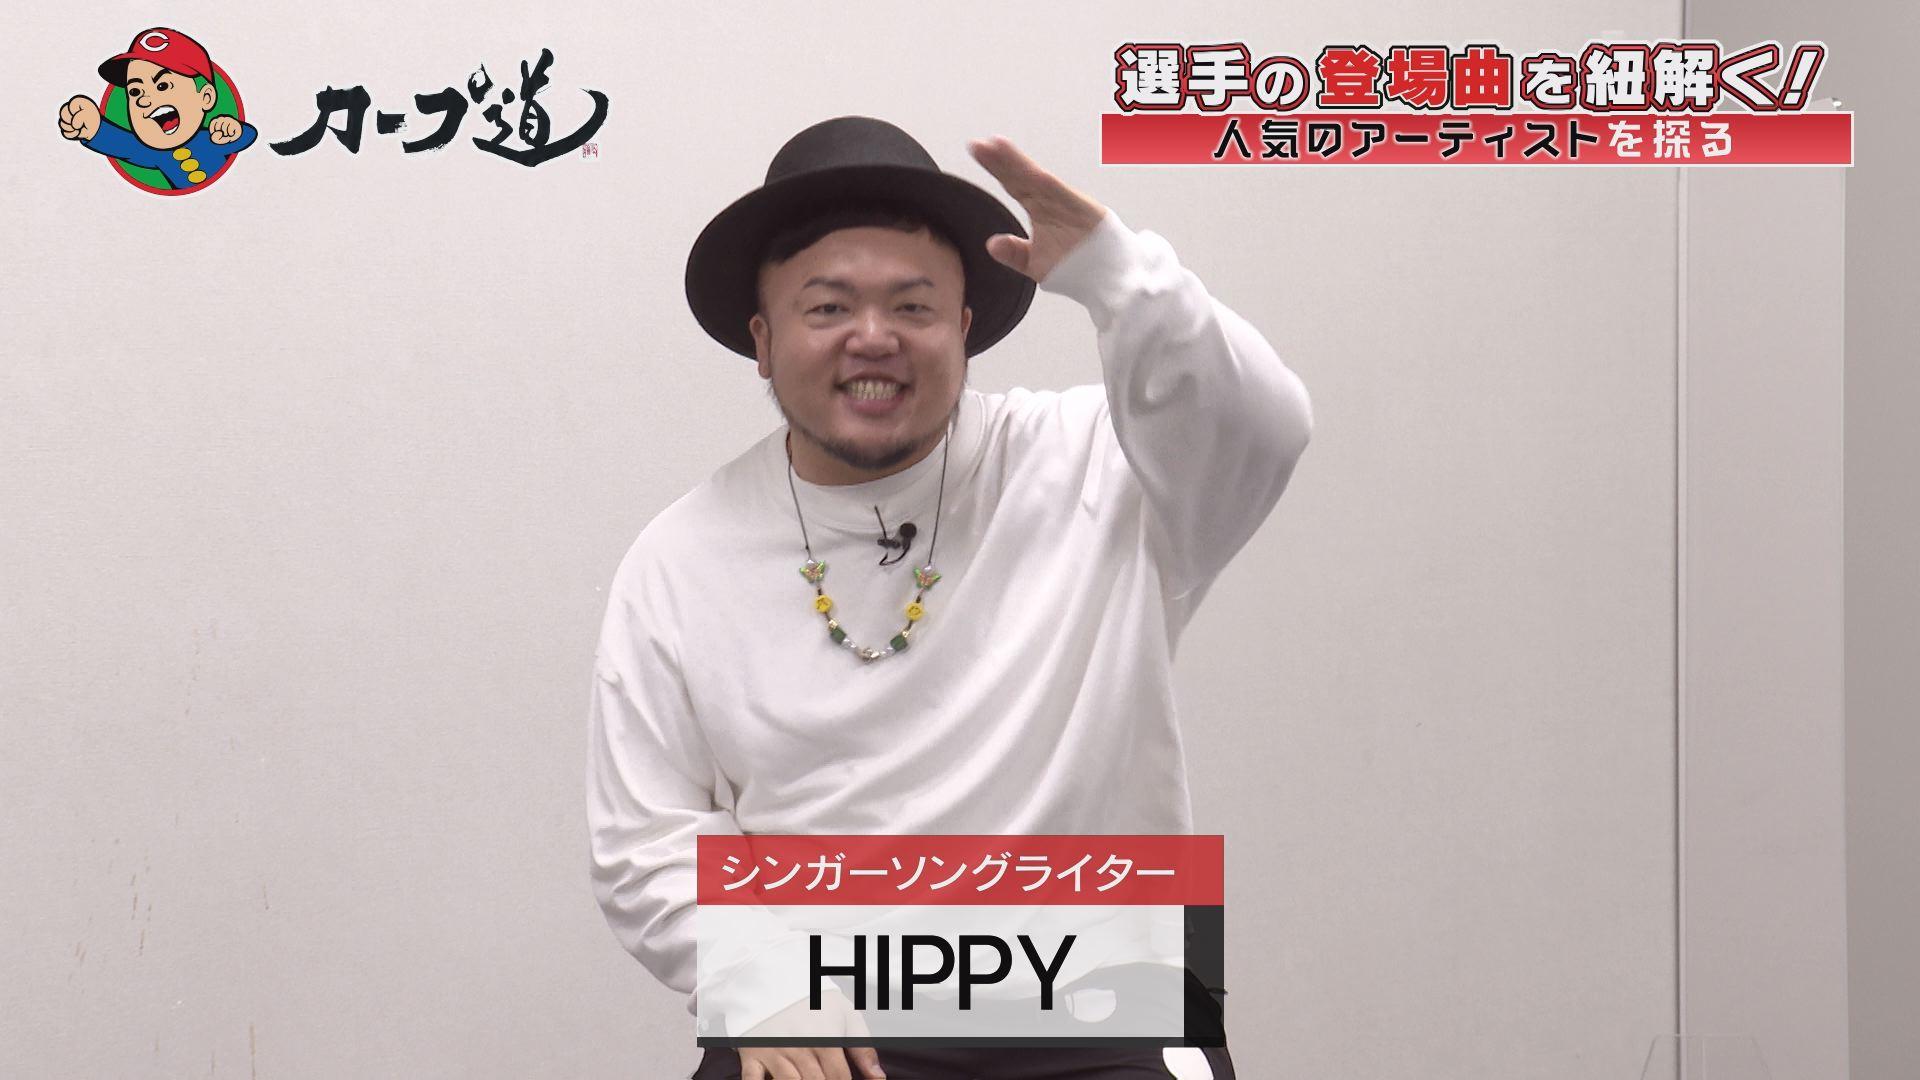 シンガーソングライター HIPPYさん